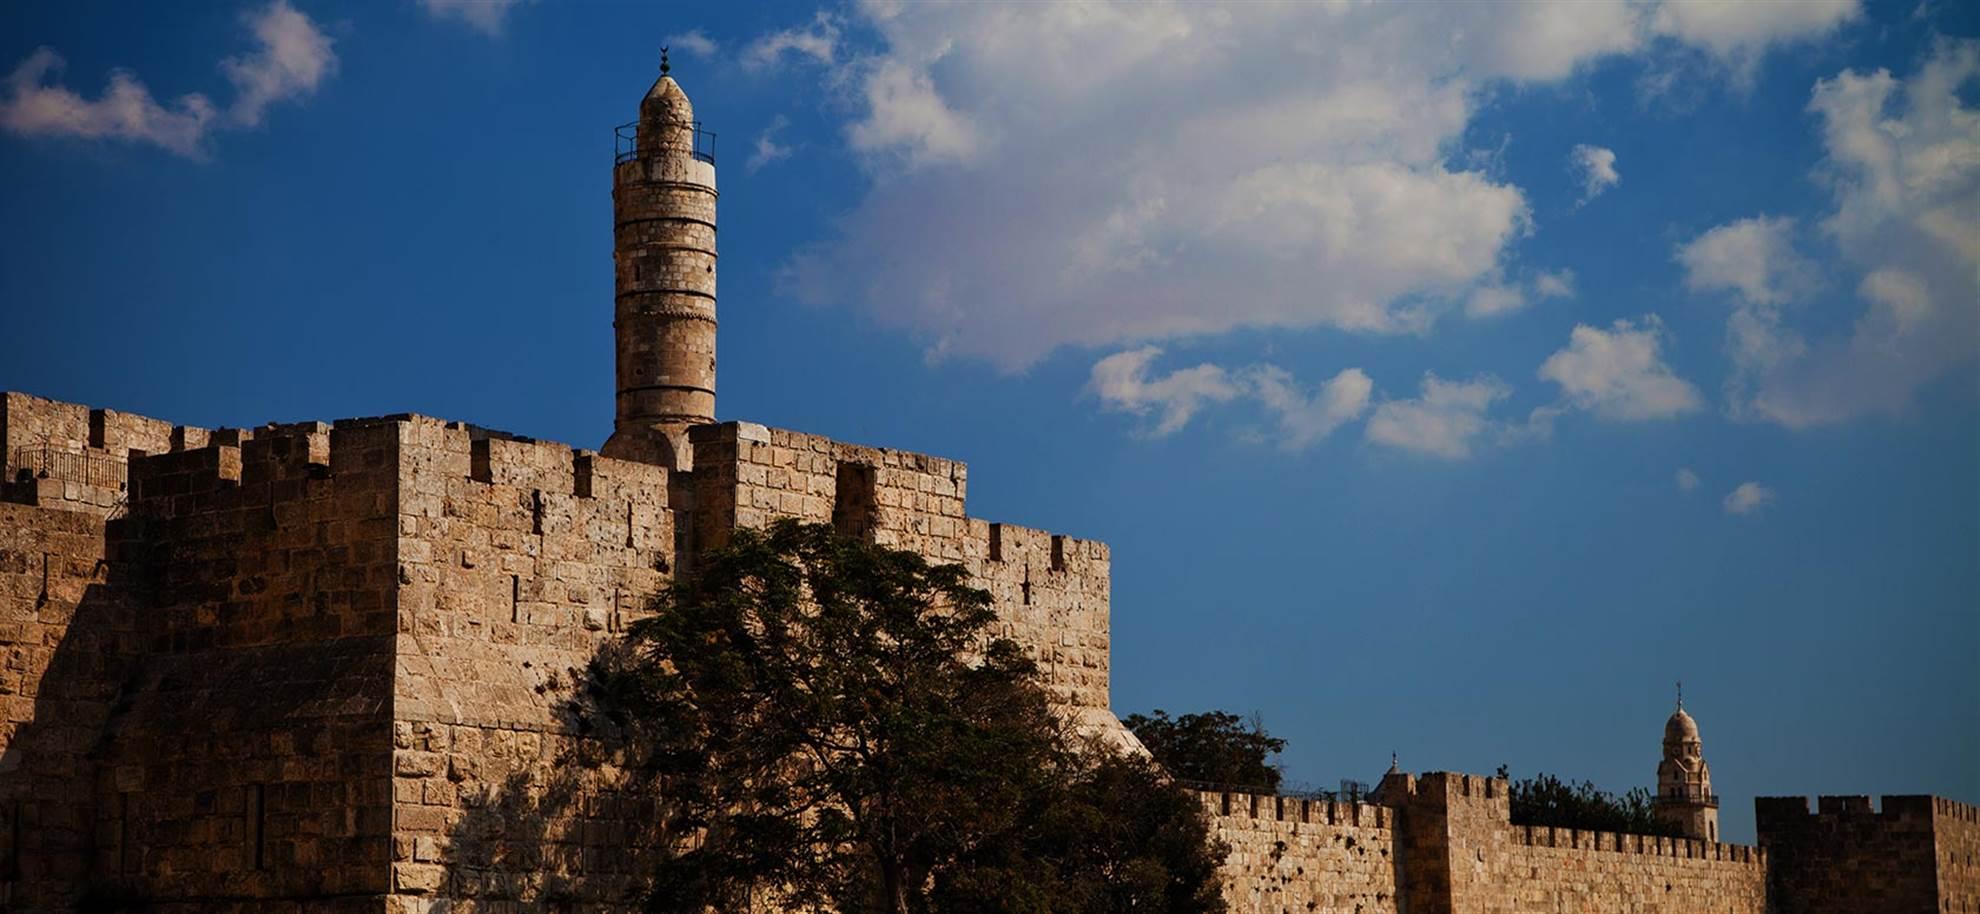 De toren van David